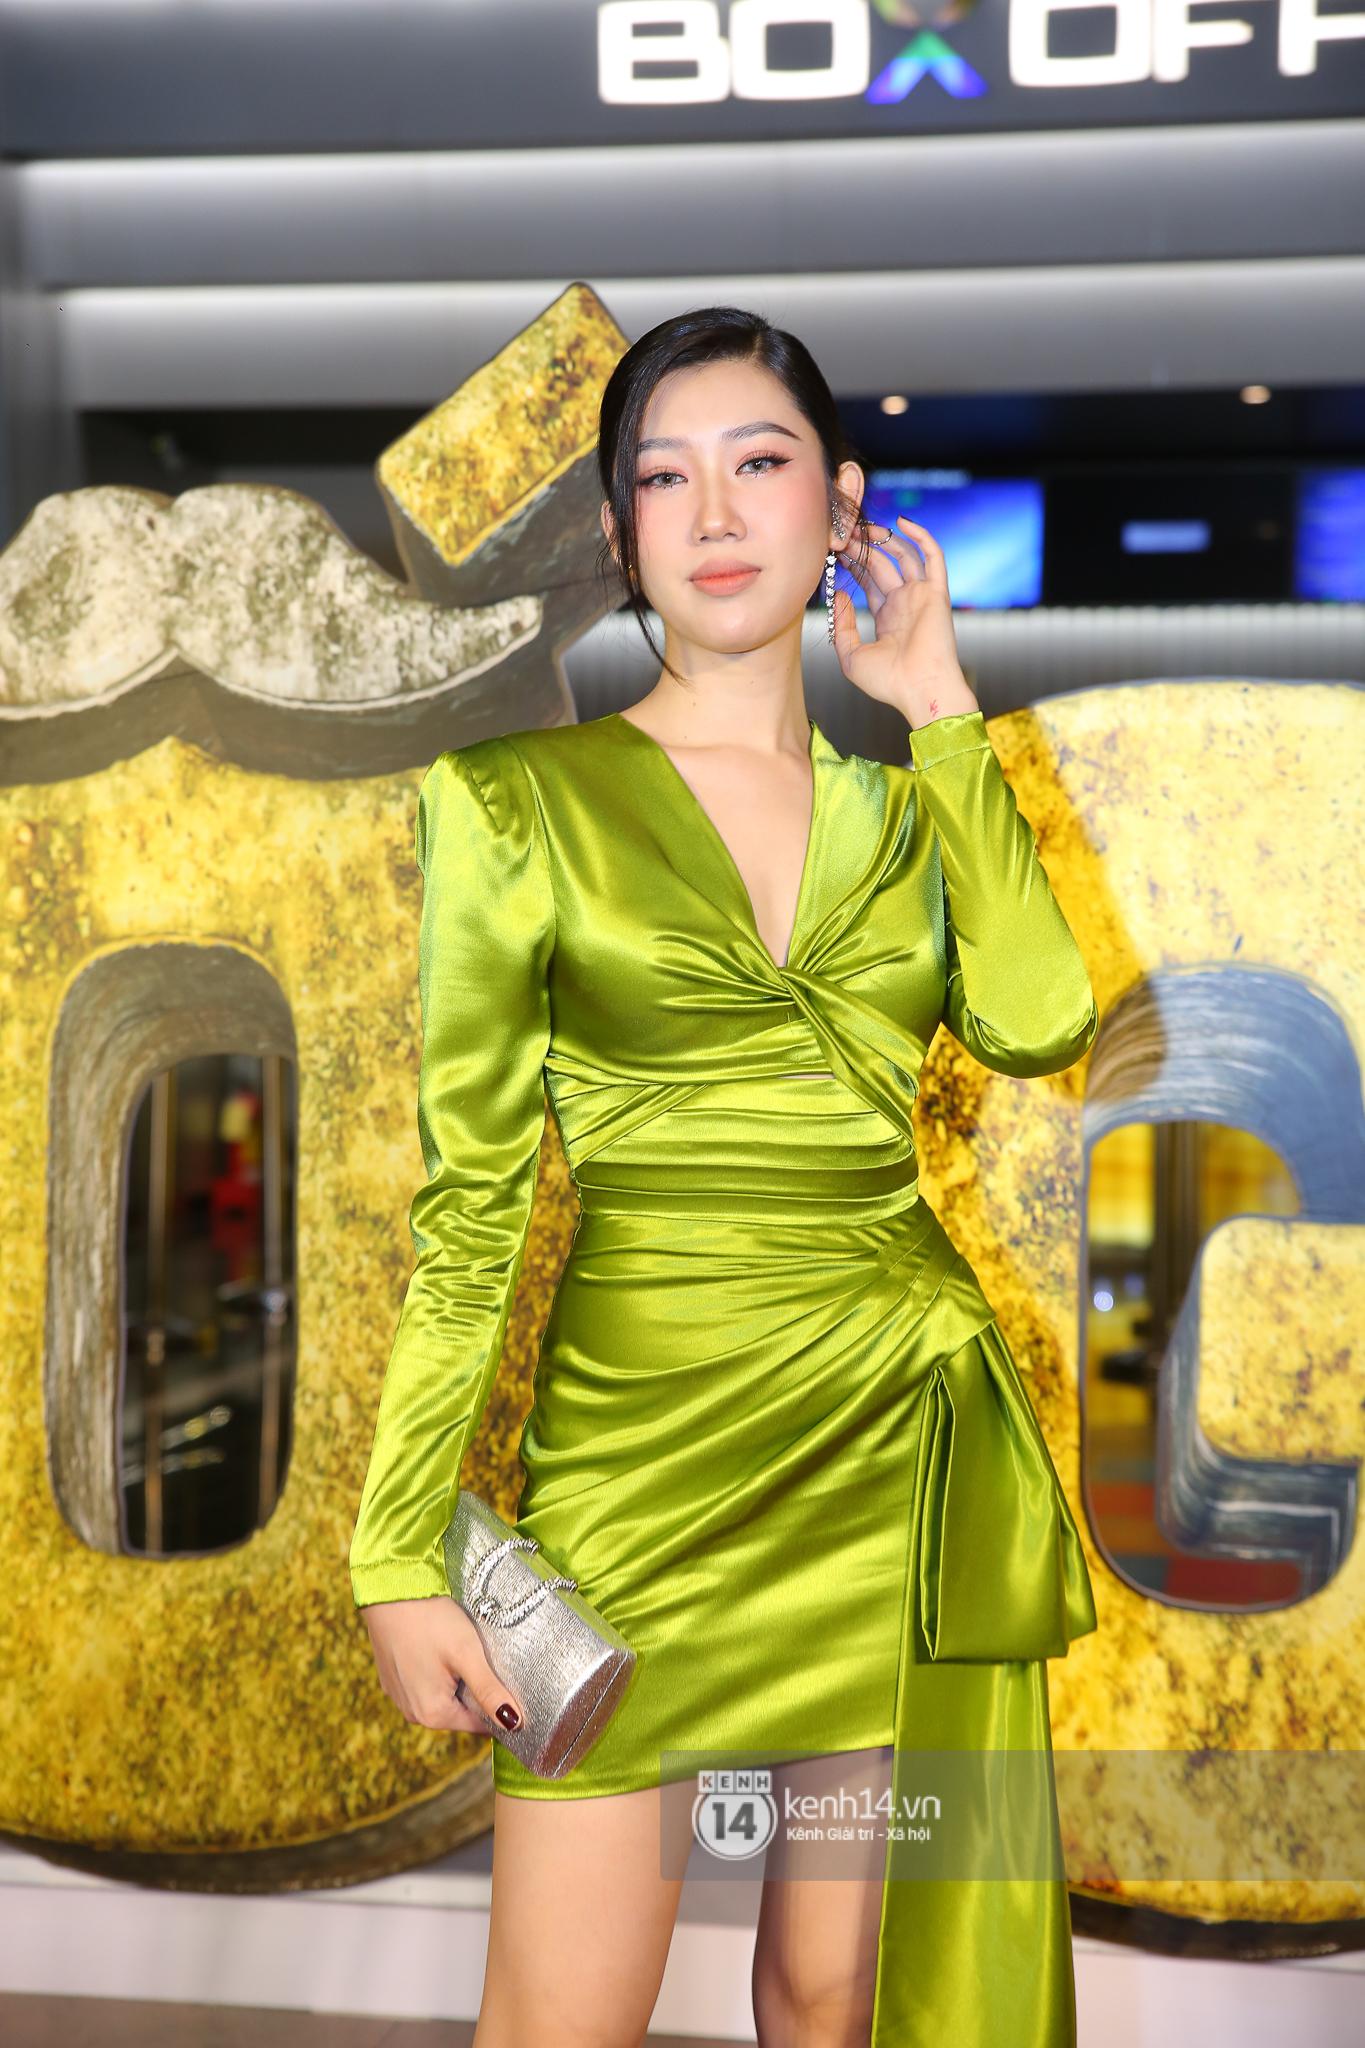 Cặp đôi nhà Đông Nhi, Lệ Quyên thi nhau show ân ái không kém cạnh Trấn Thành - Hariwon ở siêu thảm đỏ Bố Già - Ảnh 37.